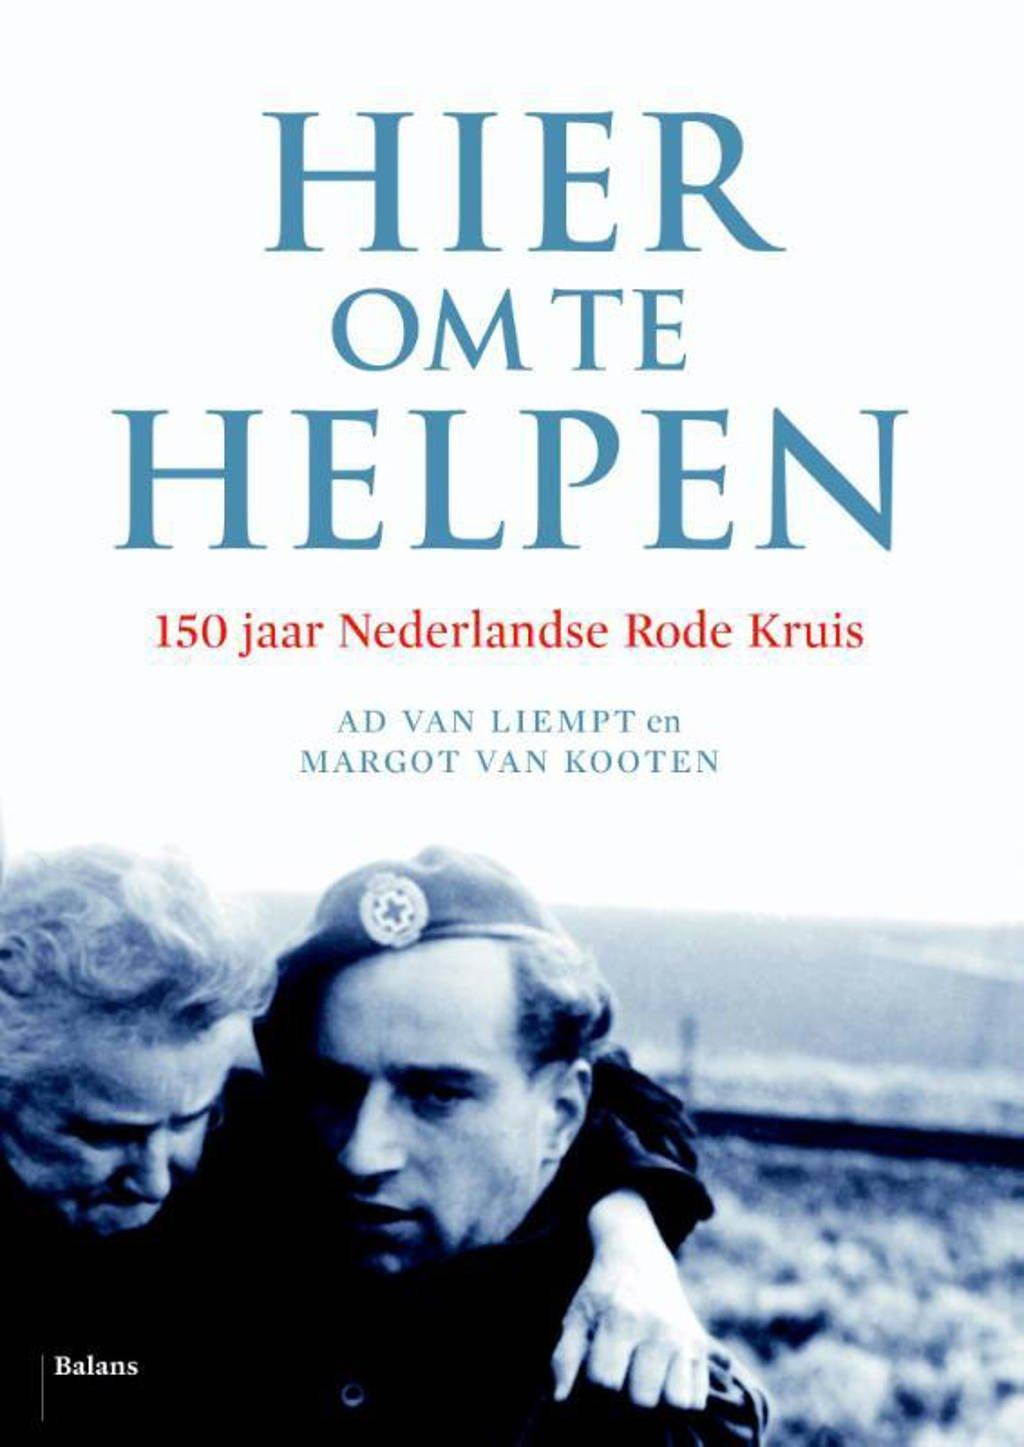 Hier om te helpen - Ad van Liempt en Margot Kooten